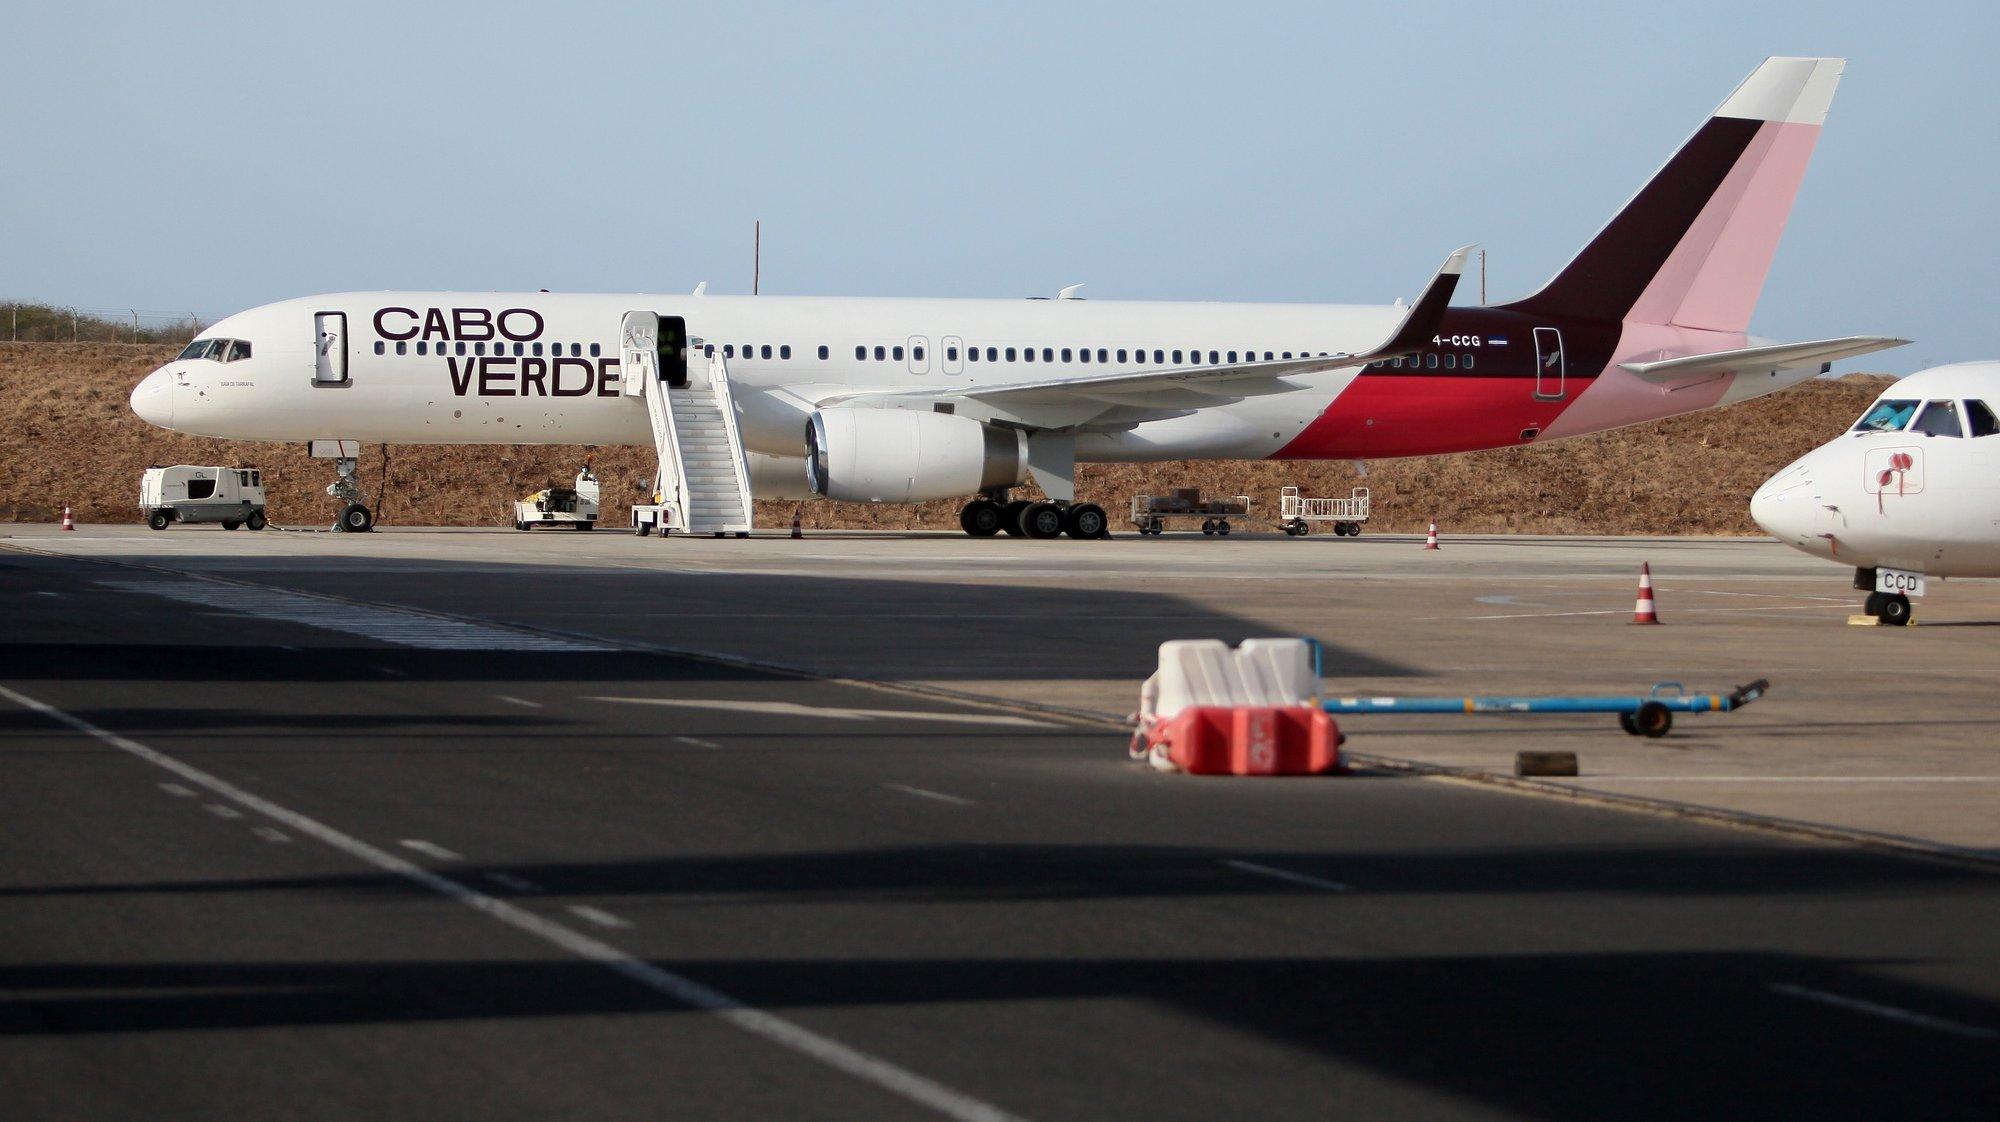 """Um Boeing da Cabo Verde Airlines (CVA) regressou hoje ao arquipélago, mais de um ano depois de ser colocado em situação de armazenamento no exterior, o que segundo o Governo """"marca a retoma dos voos"""" da companhia de bandeira, na Praia, Ilha de Santiago, Cabo Verde, 14 de abril de 2021. FERNANDO DE PINA/LUSA"""